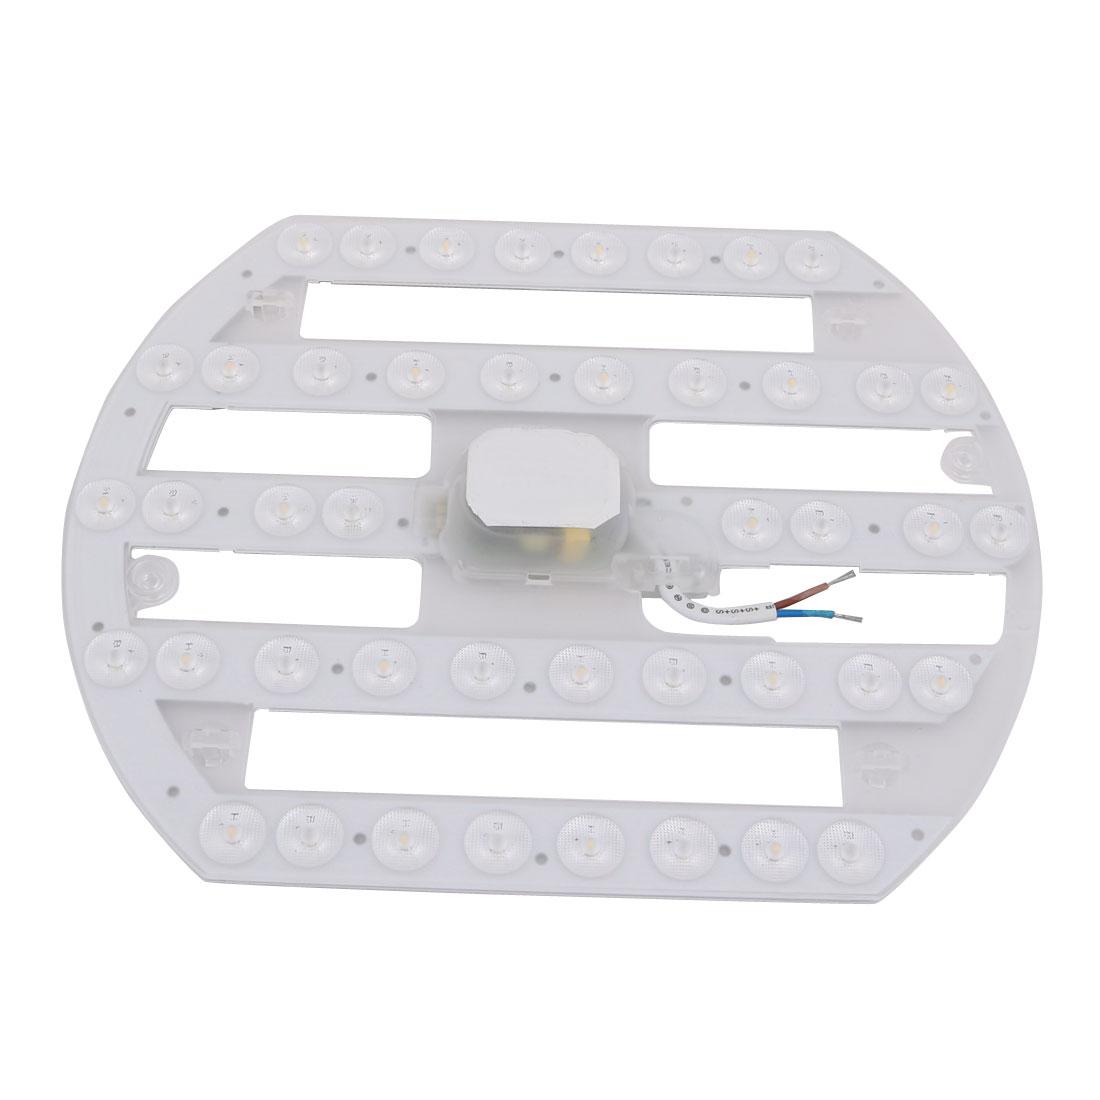 AC 185V-265V 22W LED Ceiling Optical Lens Module Light Board 44-LED 6500K